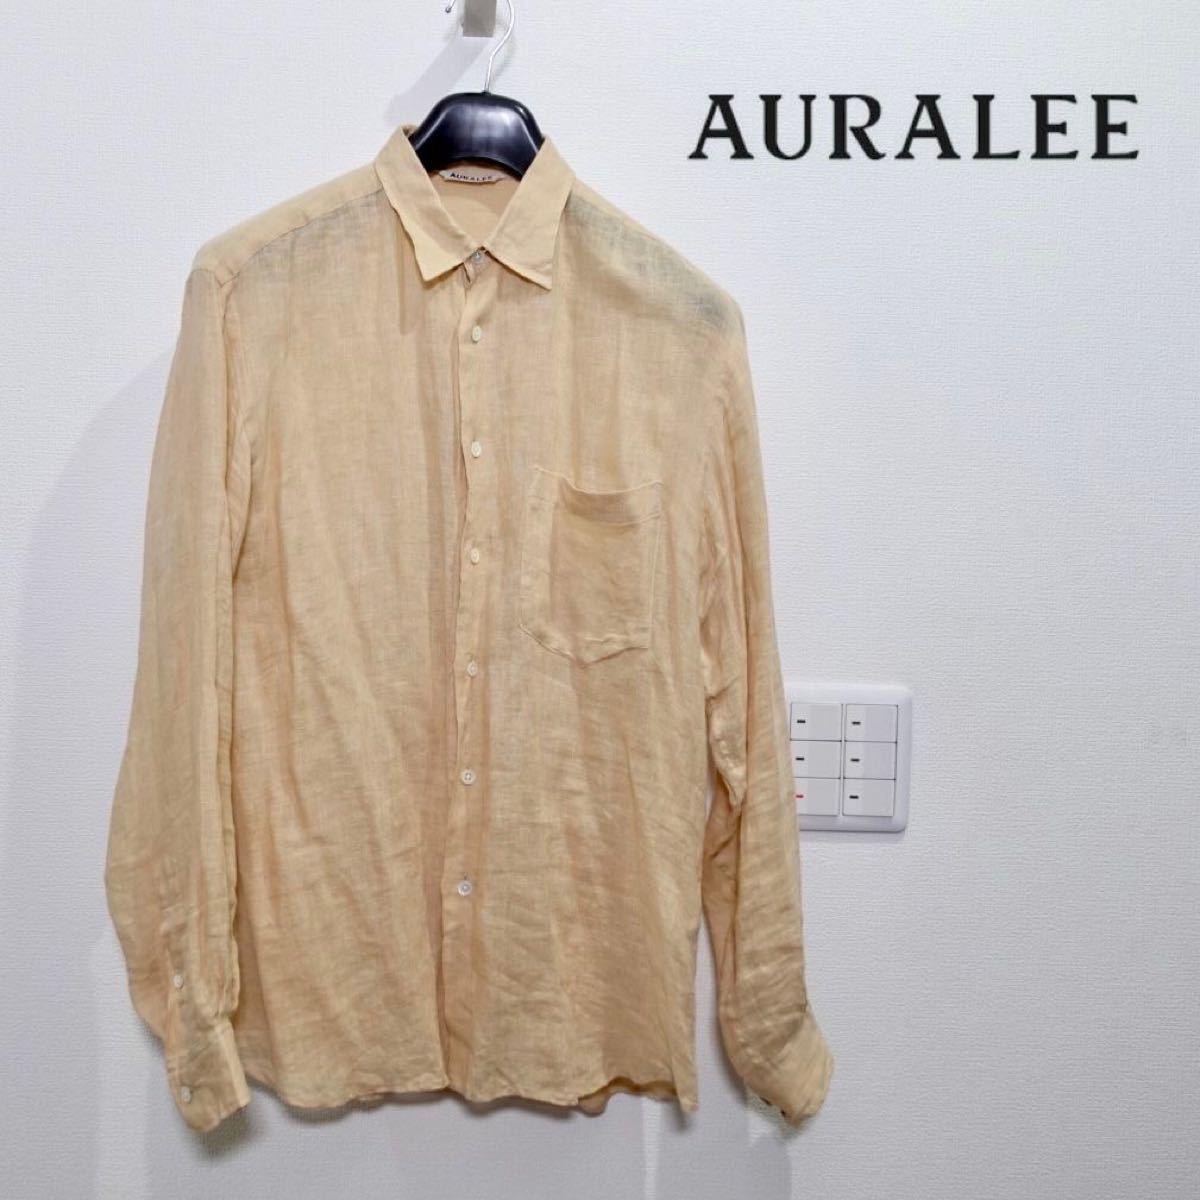 AURALEE オーラリー リネンシャツ ナチュラル 3 メンズ